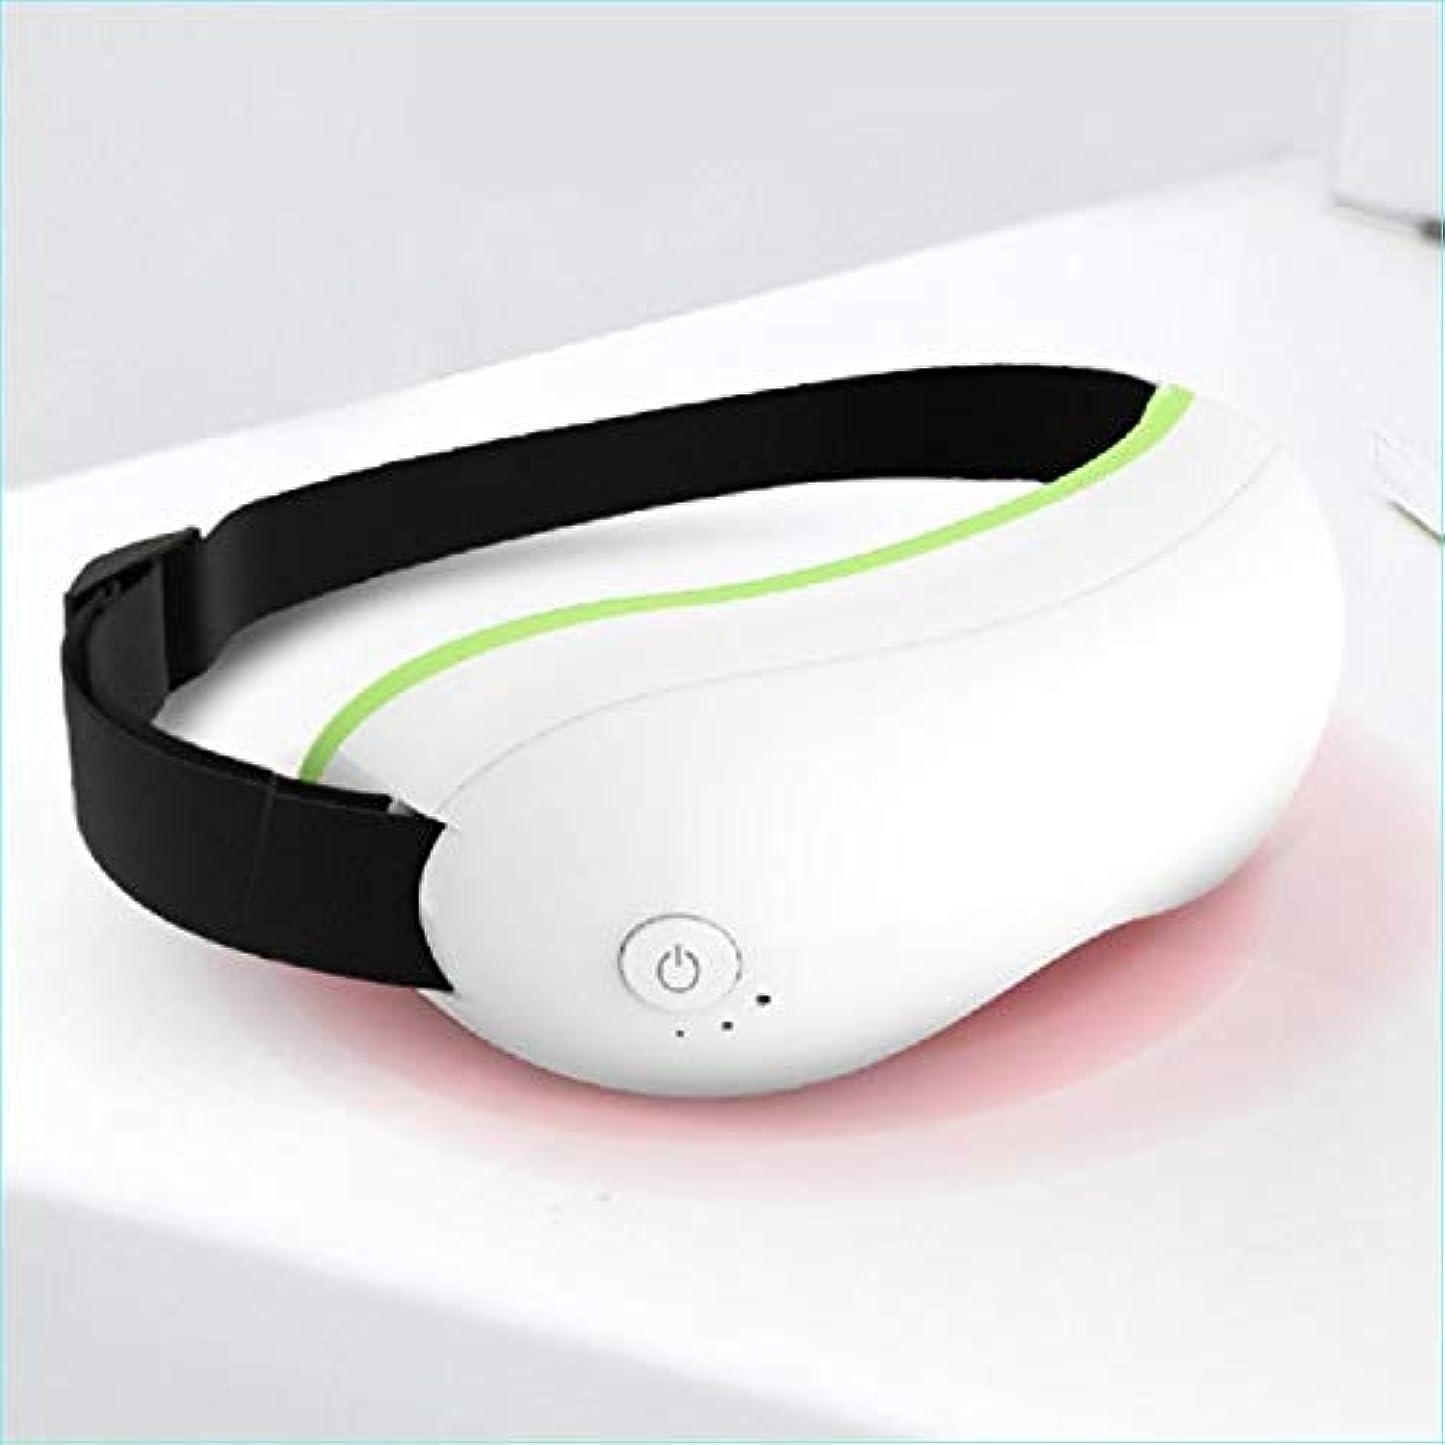 にじみ出る贅沢キロメートルMeet now 暖房付きの高度な充電式ワイヤレスインテリジェント振動アイマッサージ 品質保証 (Color : White)